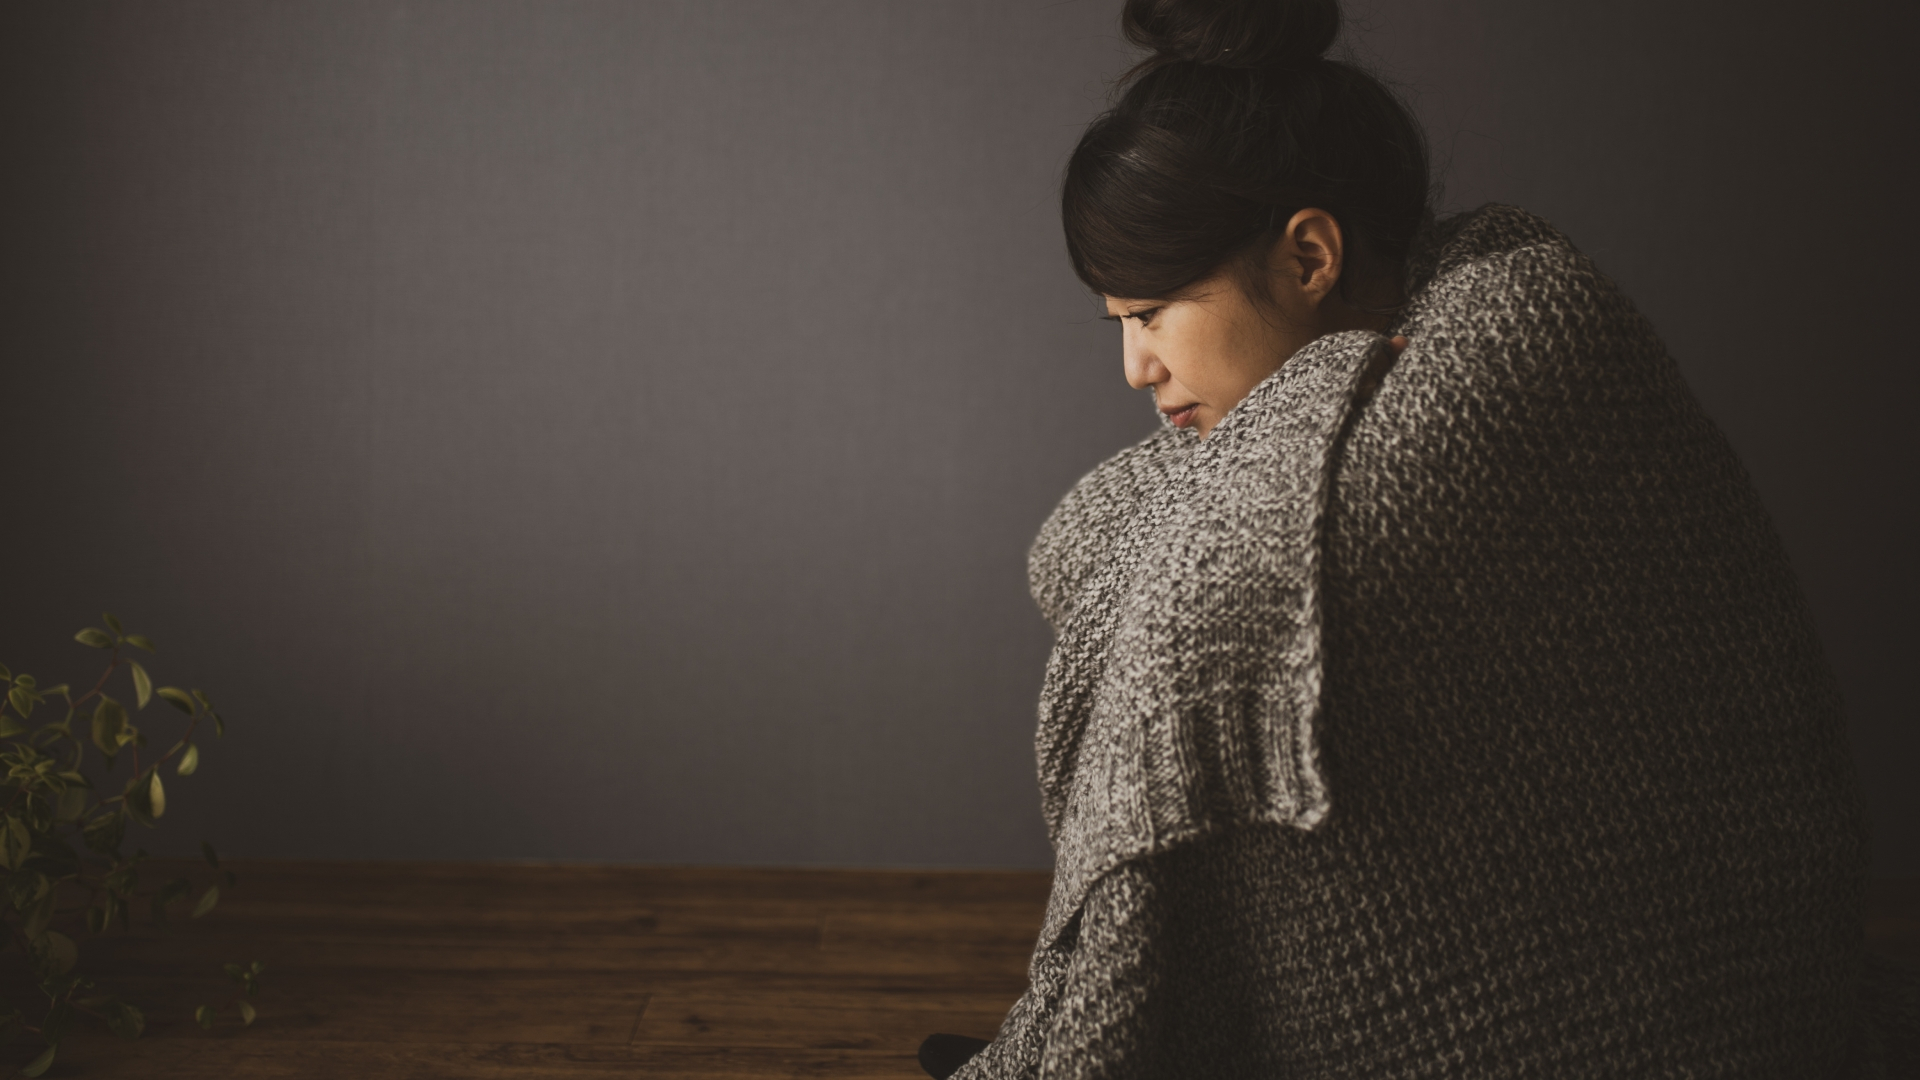 孤独って悪いもんじゃない、悪いのはXXX|新おとな学 Ver.2